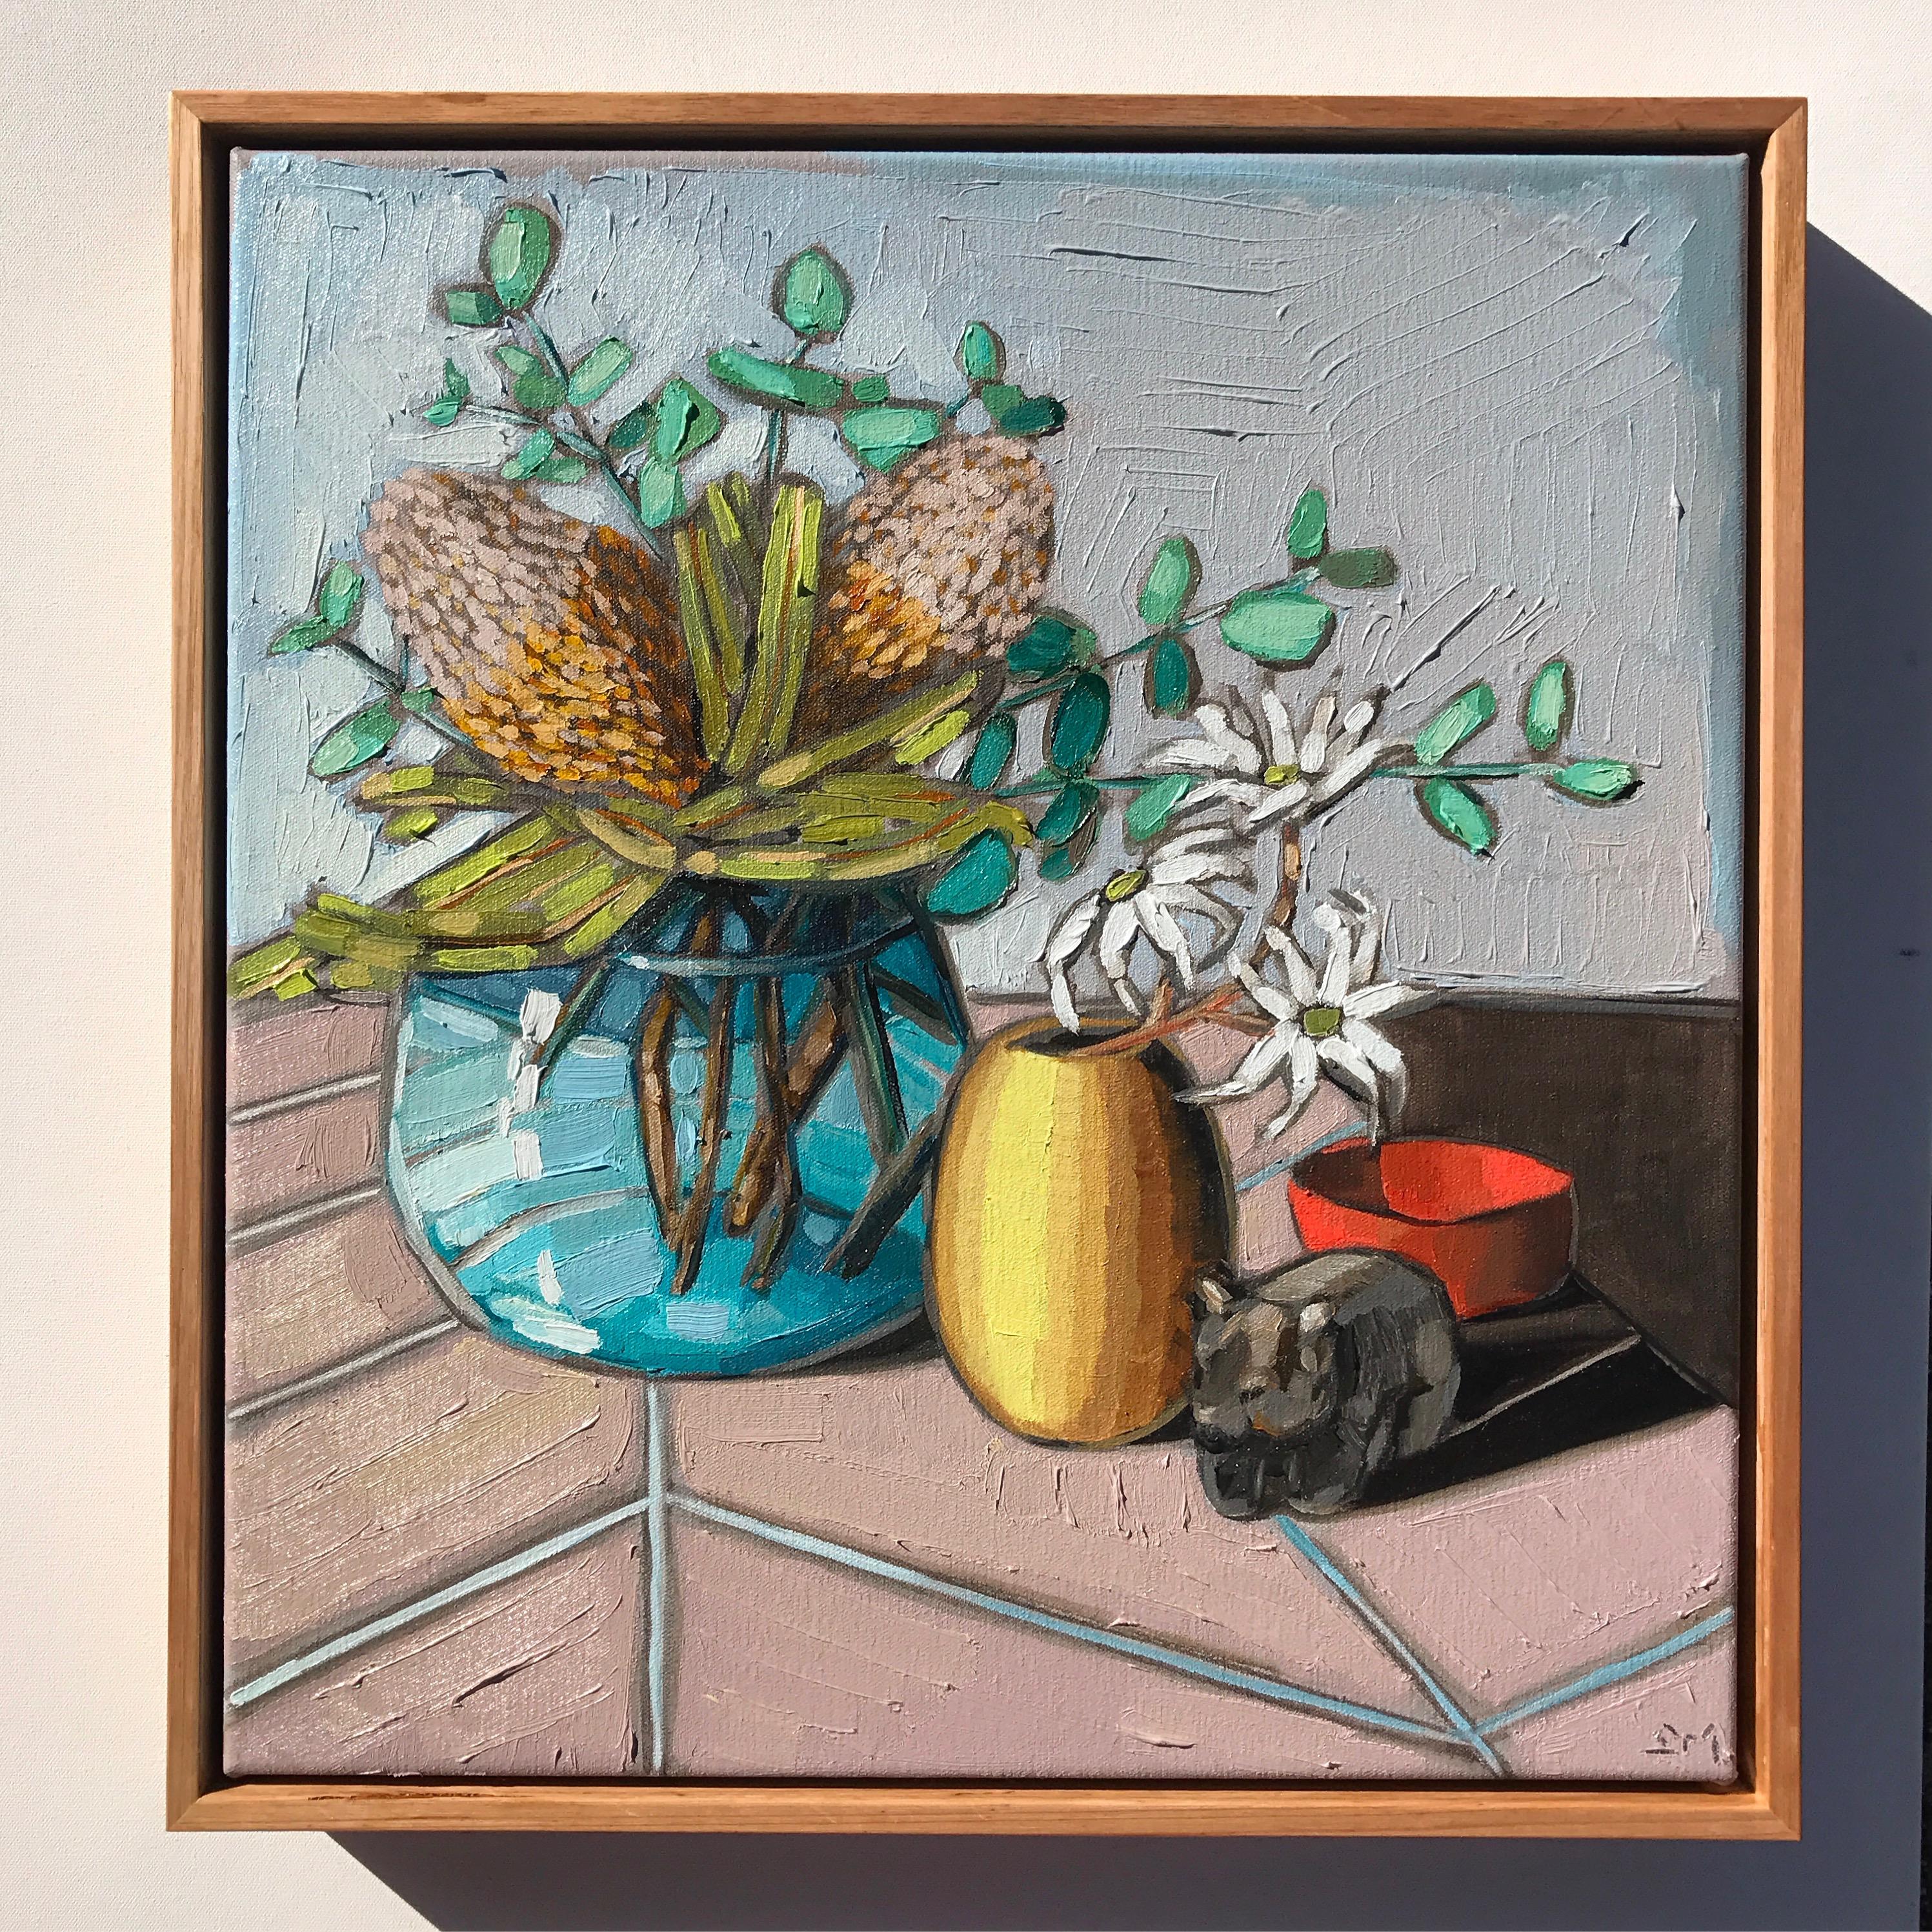 02_17 'Pastels & Natives' Commission 42x46cm